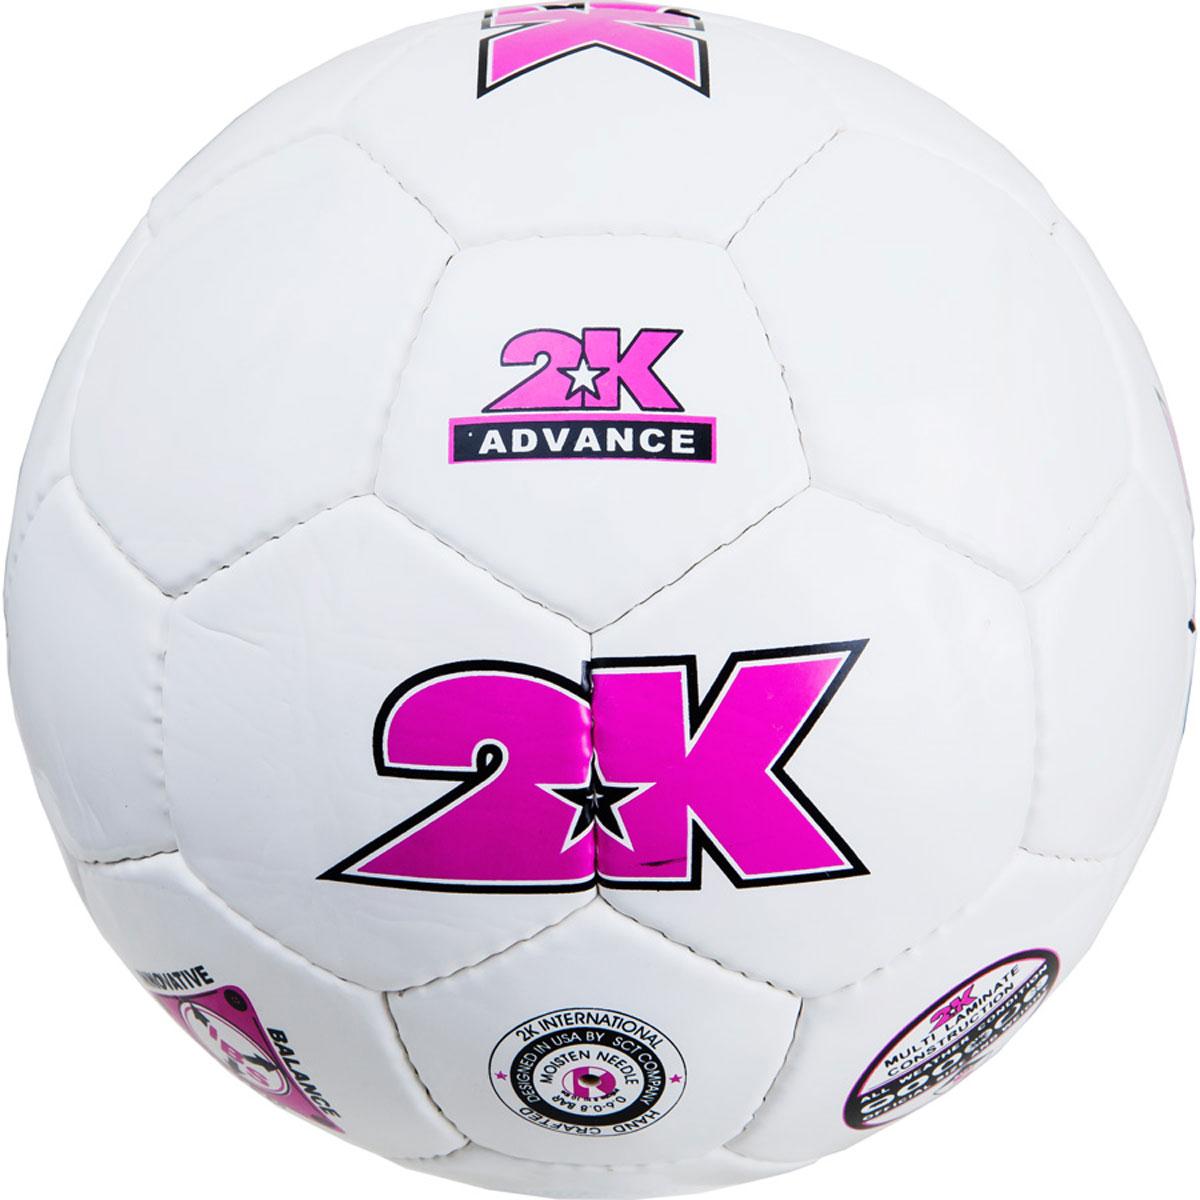 Мяч футбольный 2K Sport Advance, цвет: белый, фиолетовый. Размер 4127048Любительский футбольный мяч 2K Sport Advance изготовлен из полиуретана. Бесшовная камера выполнена из натурального латекса. Сшивка производилась вручную. Швы проклеены для герметизации.